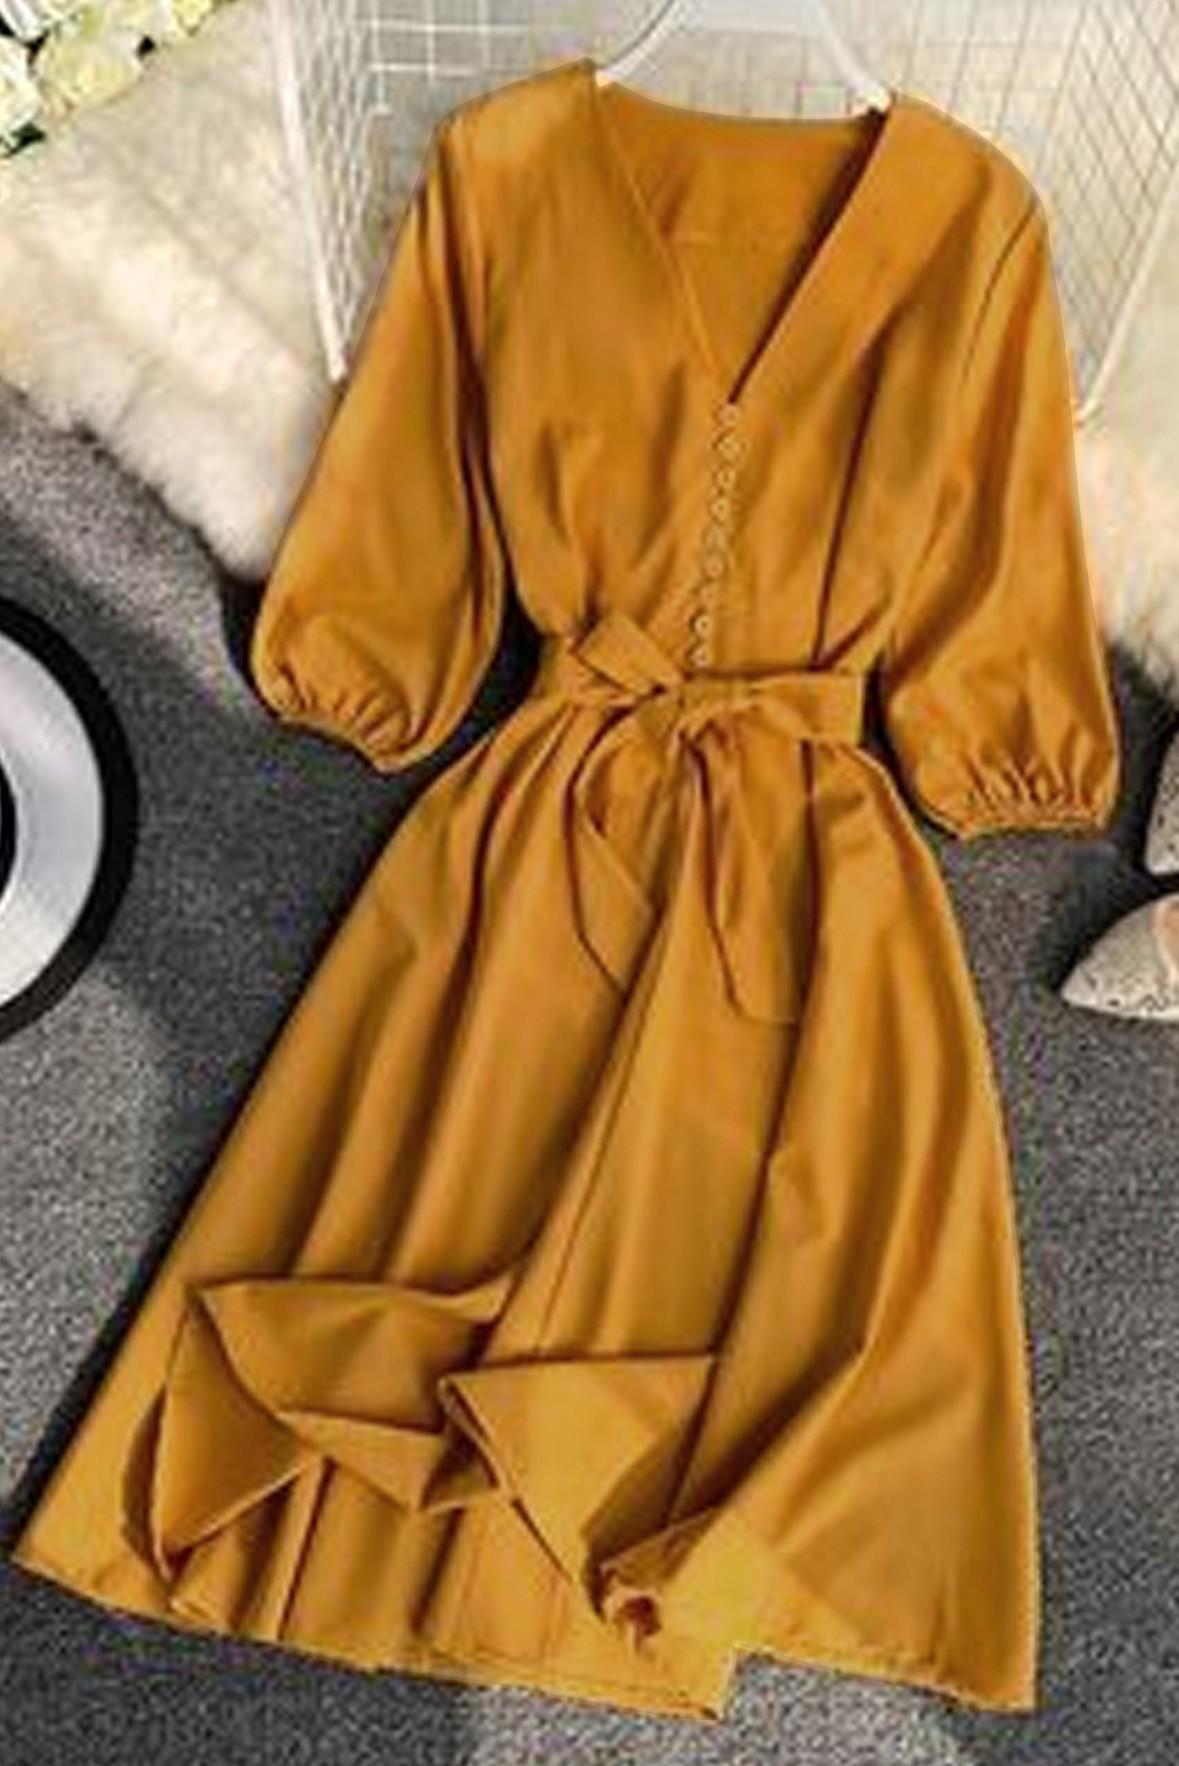 Soulful dress